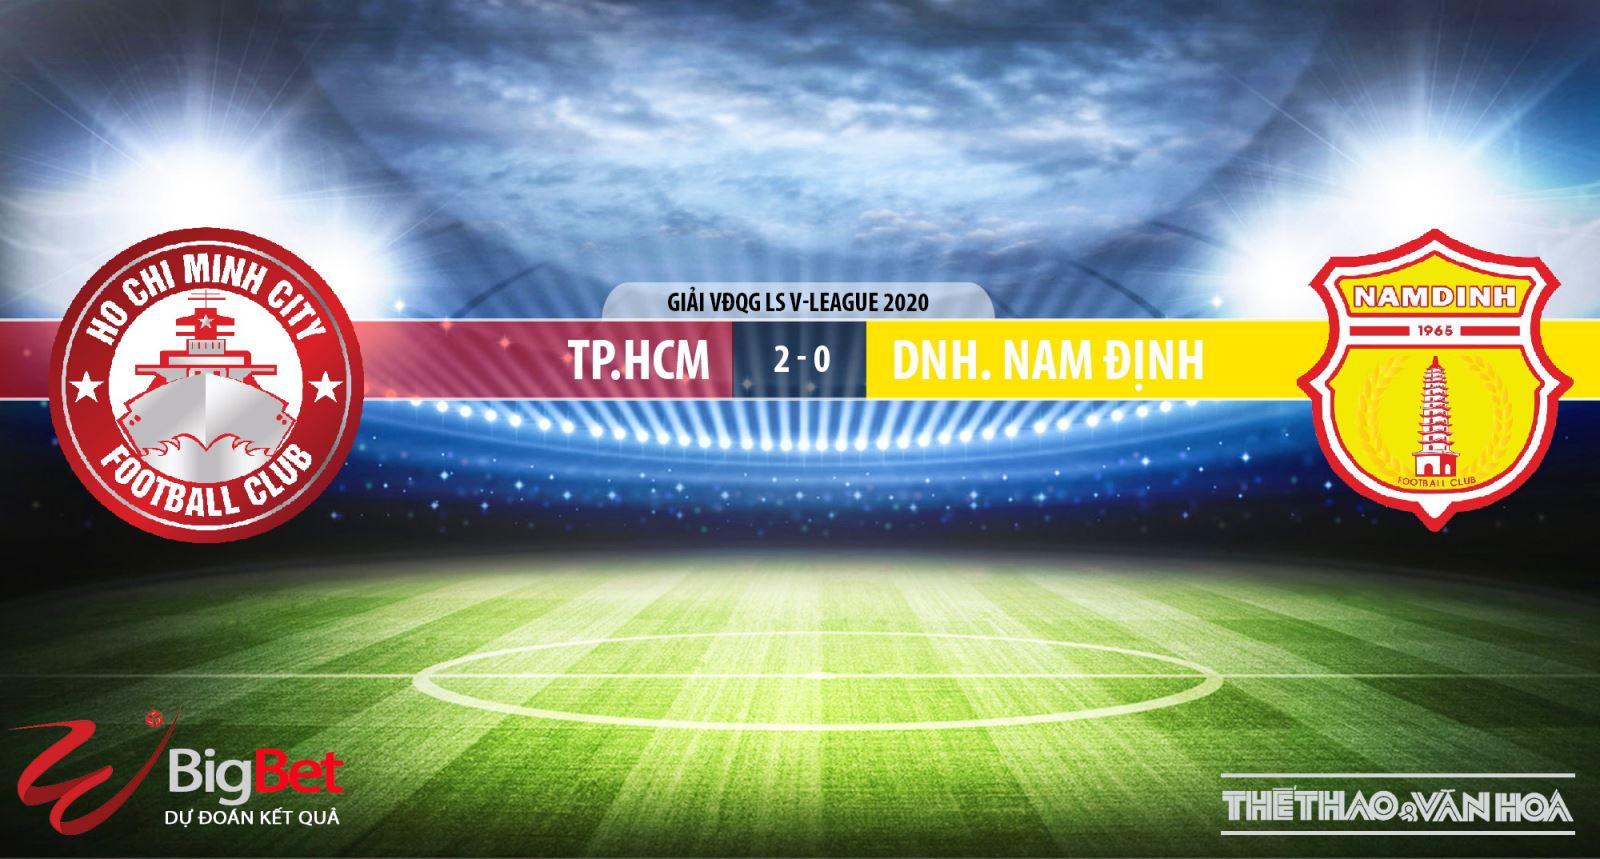 Keo nha cai, kèo nhà cái, TPHCM vs Nam Định, trực tiếp bóng đá, TTTV, Trực tiếp bóng đá V-League 2020, trực tiếp bóng đá Việt Nam, trực tiếp TPHCM  Nam Định, kèo bóng đá